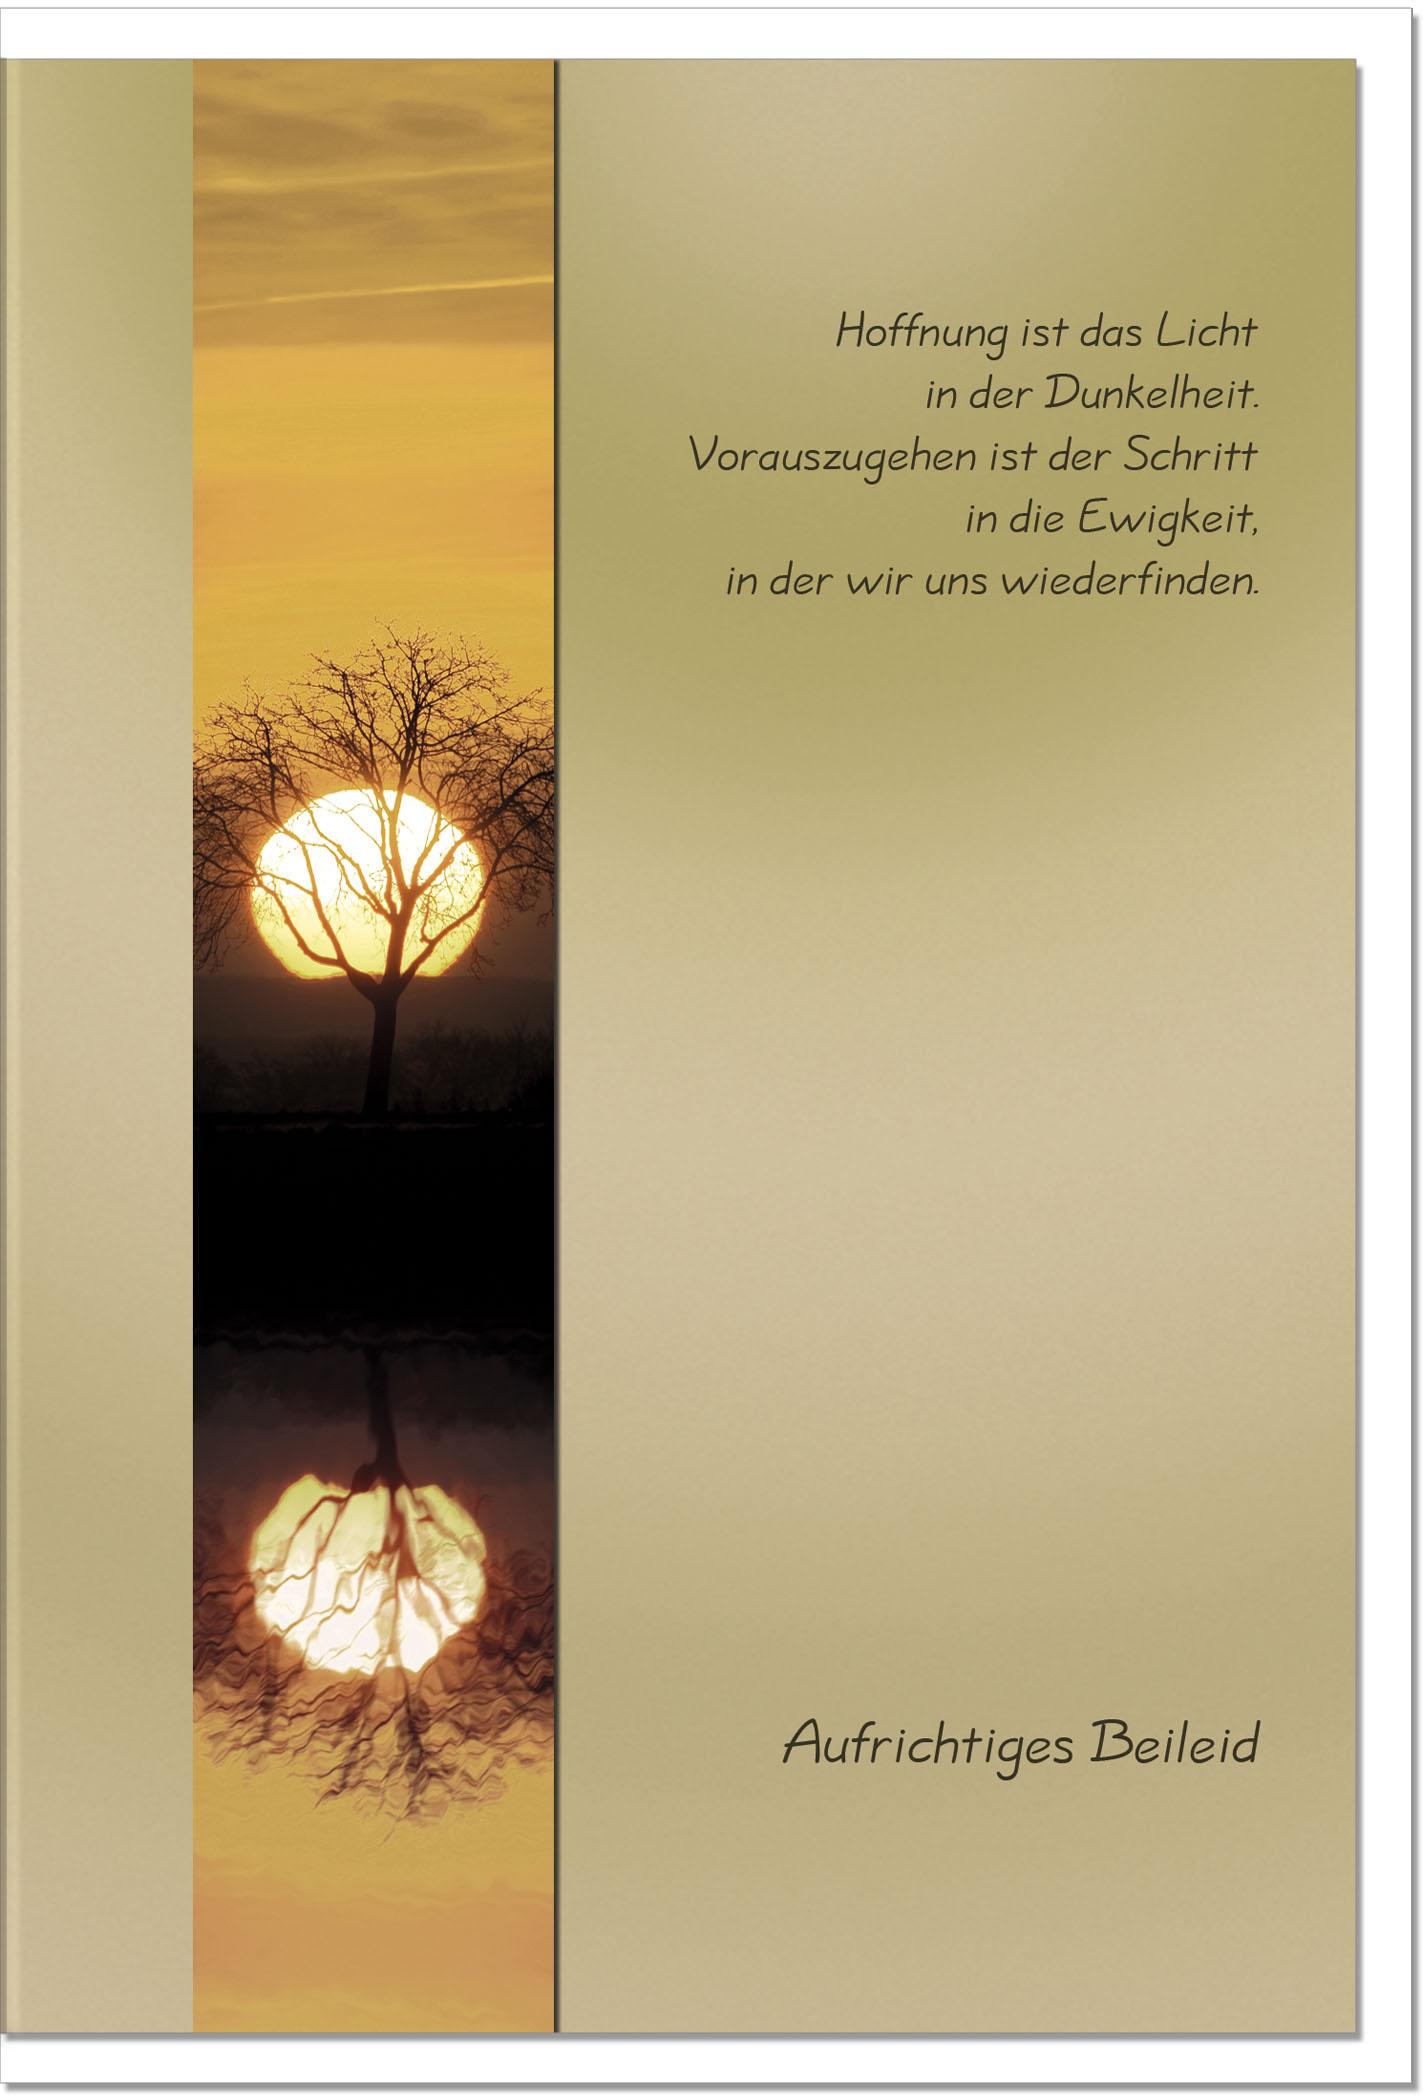 Trauerkarte LICHT UND HOFFNUNG | Sonnenuntergang | metALUm #00009